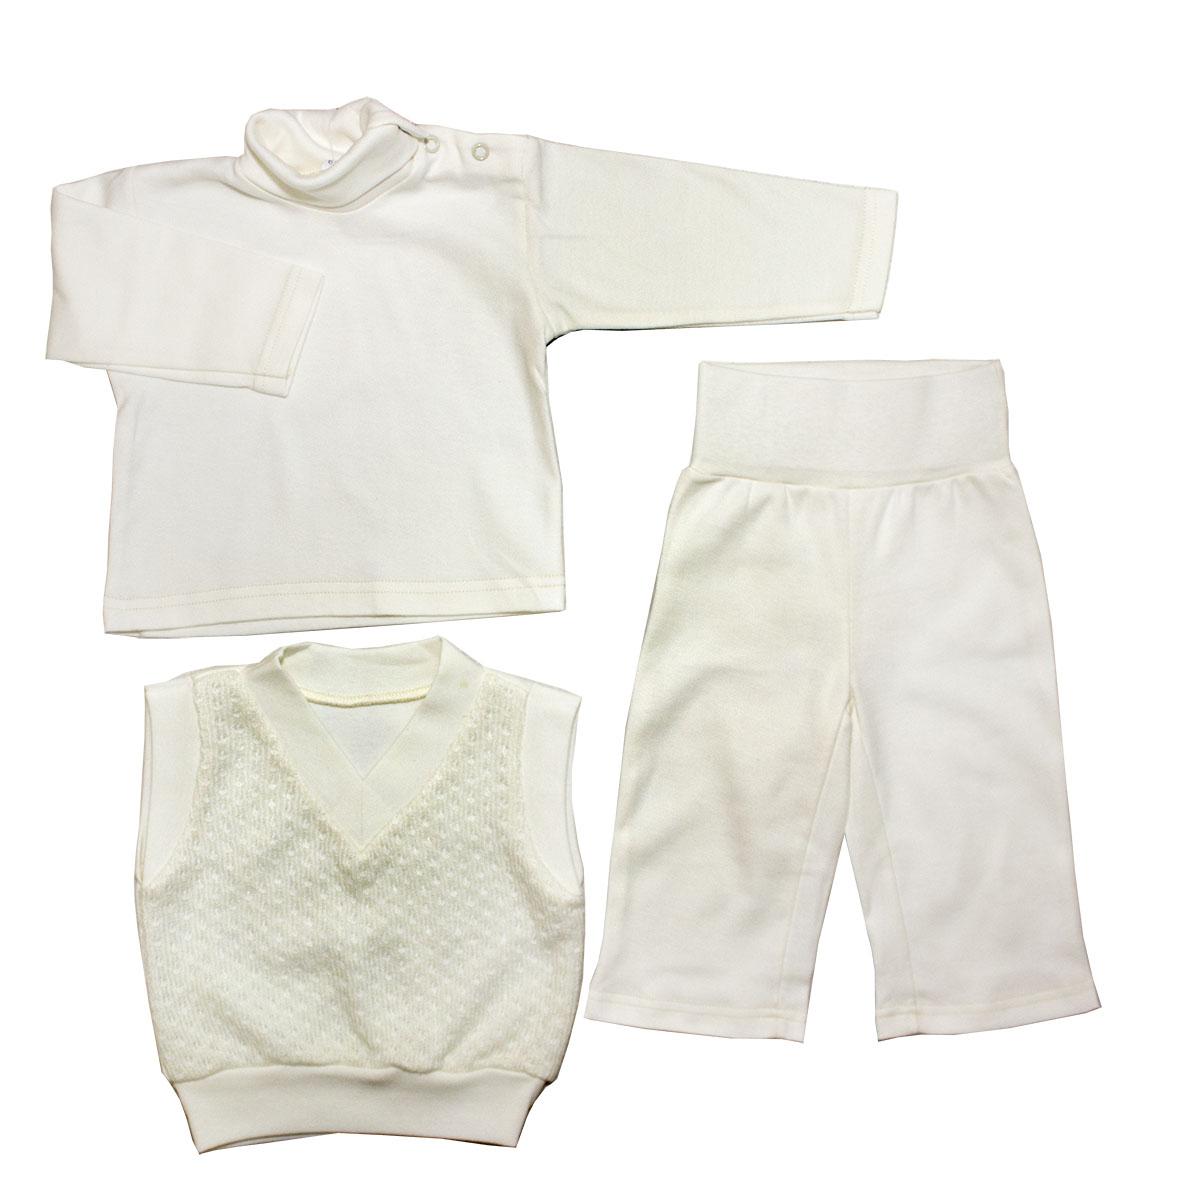 Комплект одежды Осьминожка для мальчика бежевый р.68